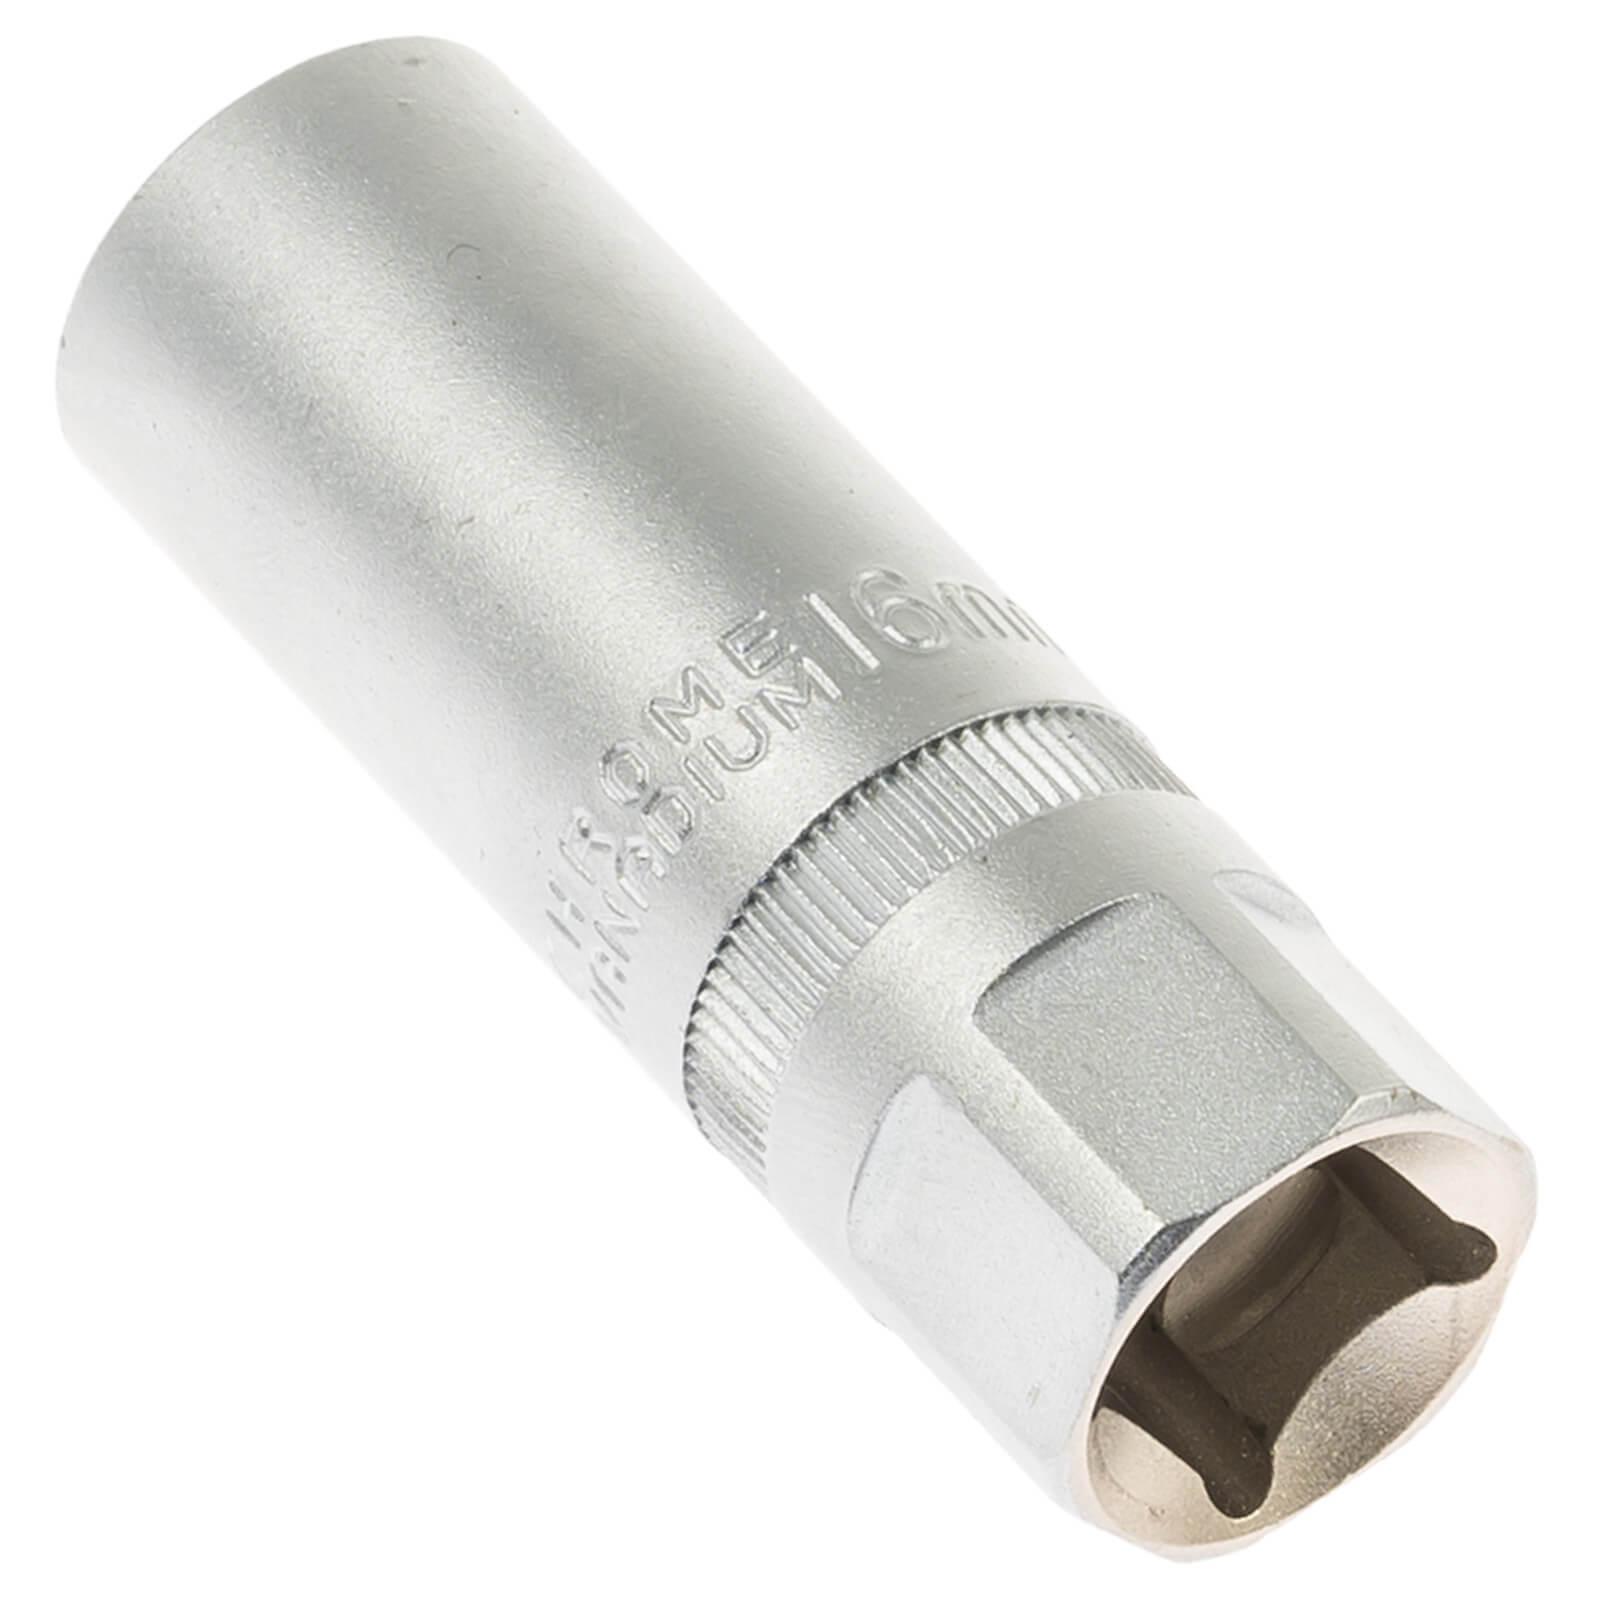 Zündkerzenschlüssel Zündkerzen Steck-Nuss Steckschlüssel lang 16mm Einsatz